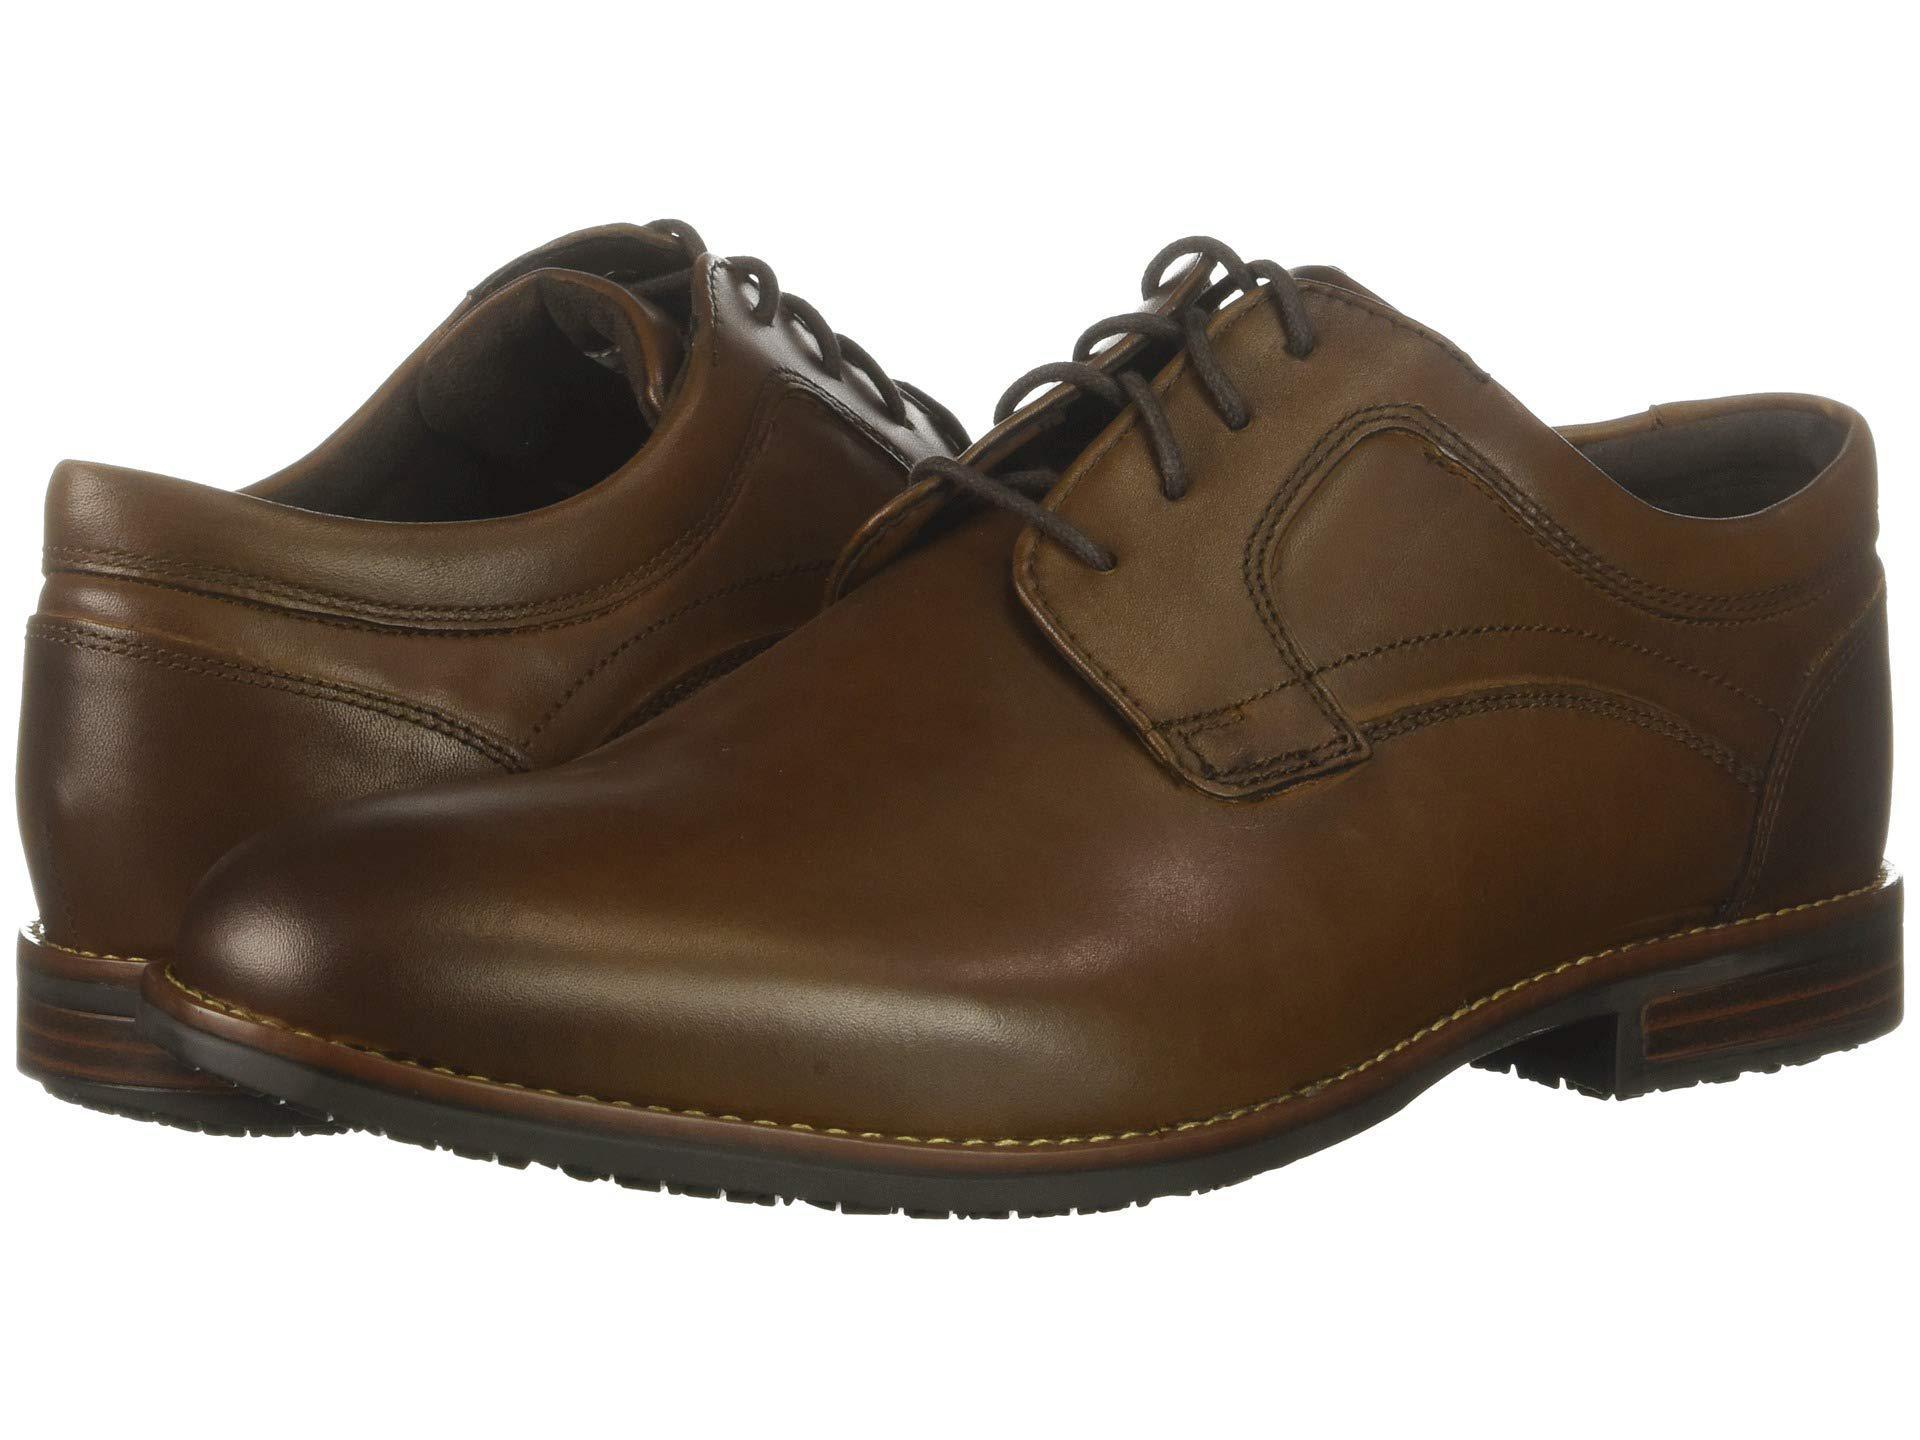 Waterproof Dustyn black Lyst Shoes Men's Plain Toe Rockport In qO4f6